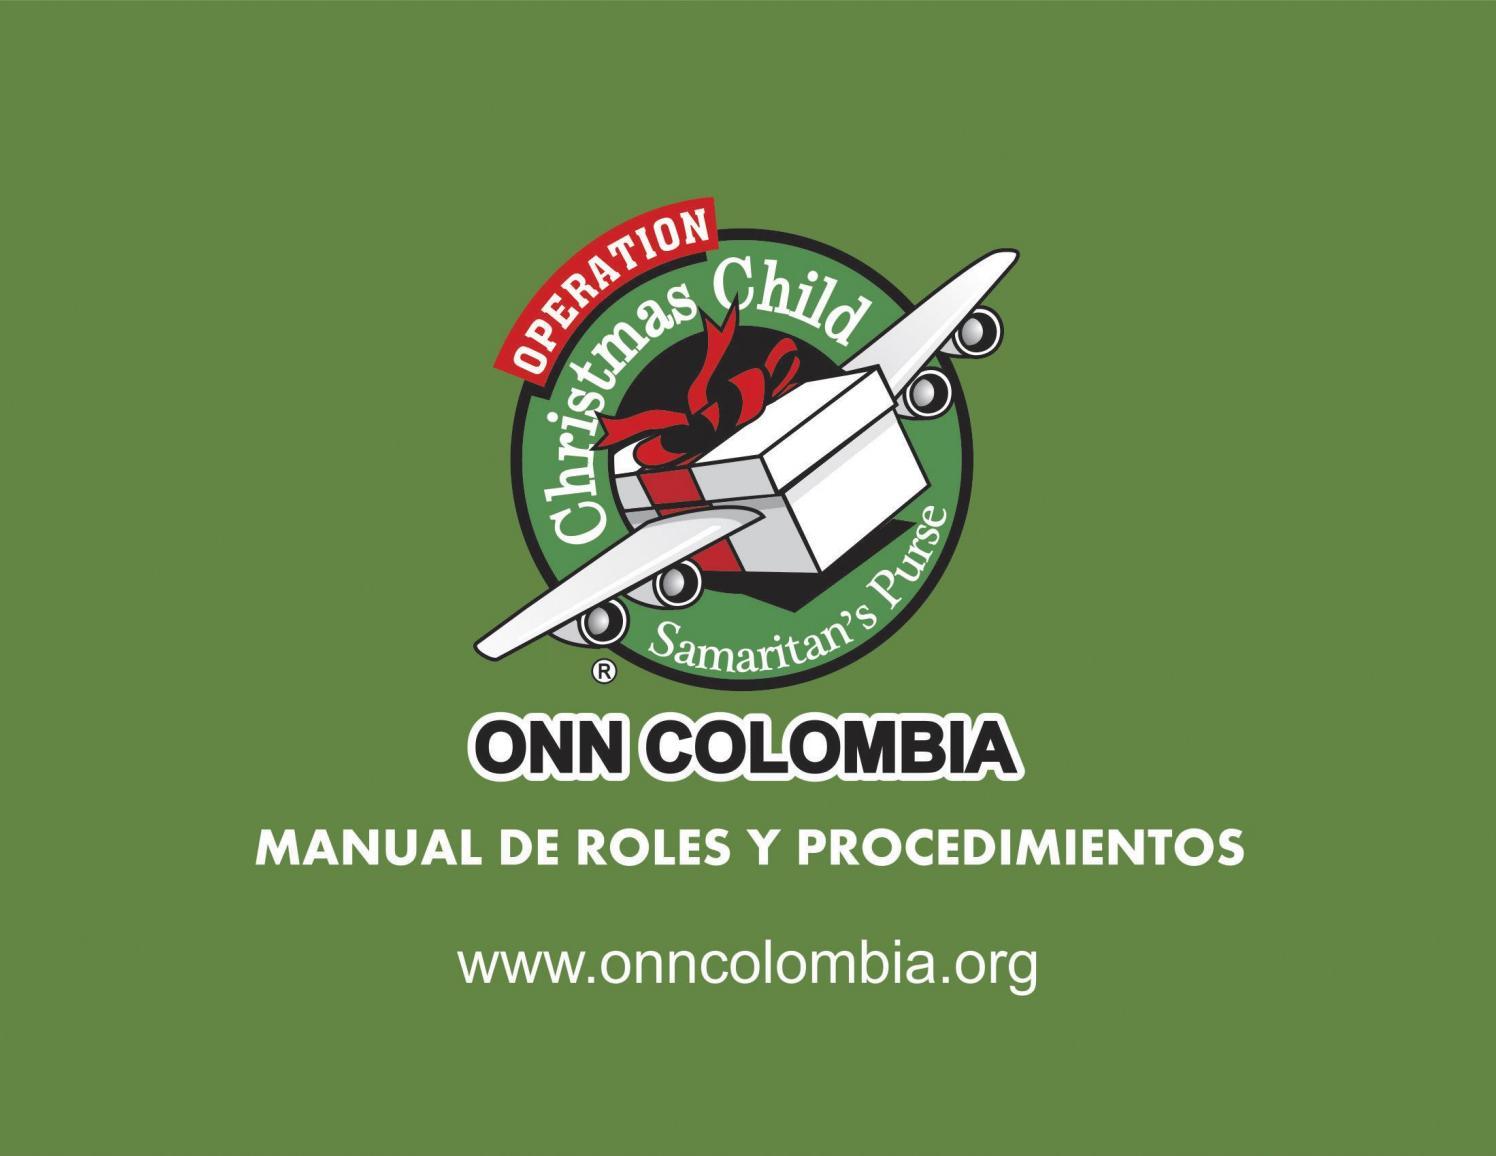 Manual De Roles Y Procedimientos Onncolombia 2016 By Diseño